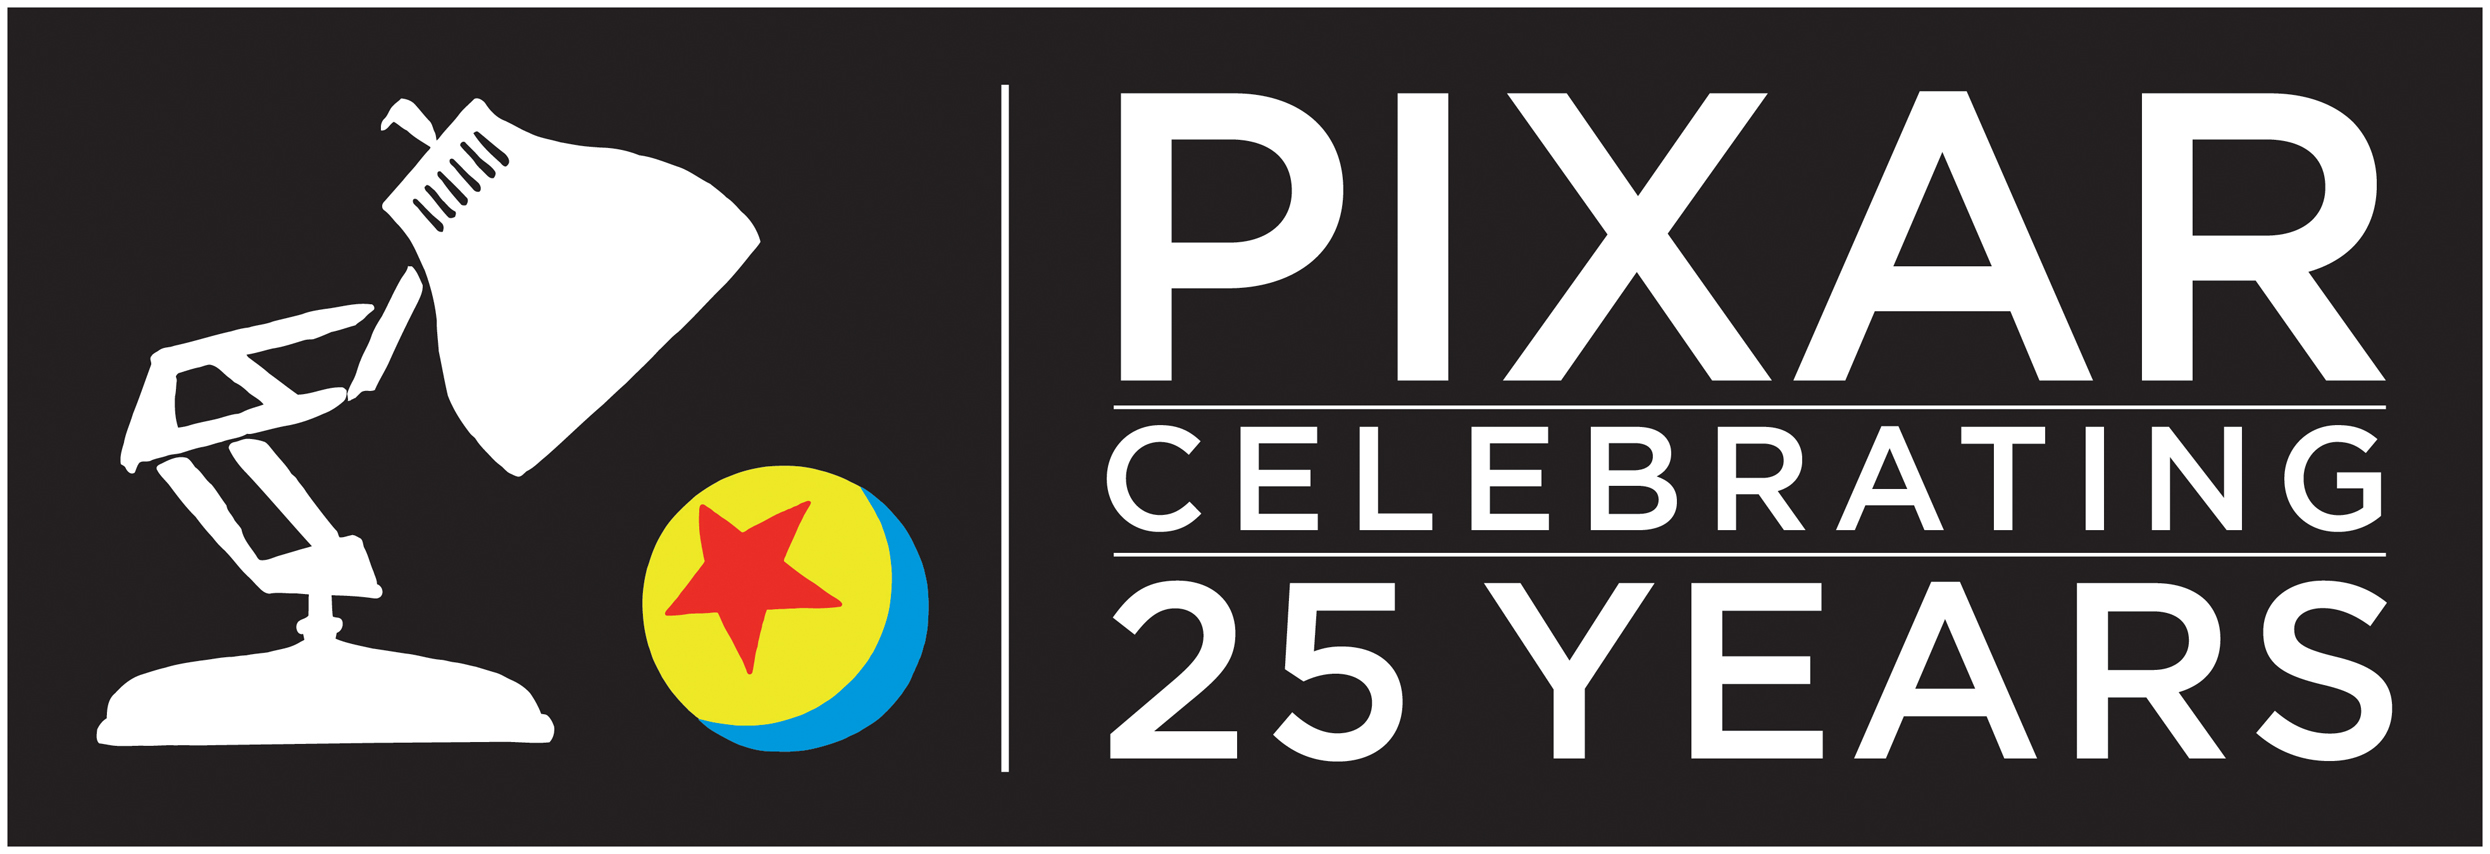 PIXAR 25 YEARS